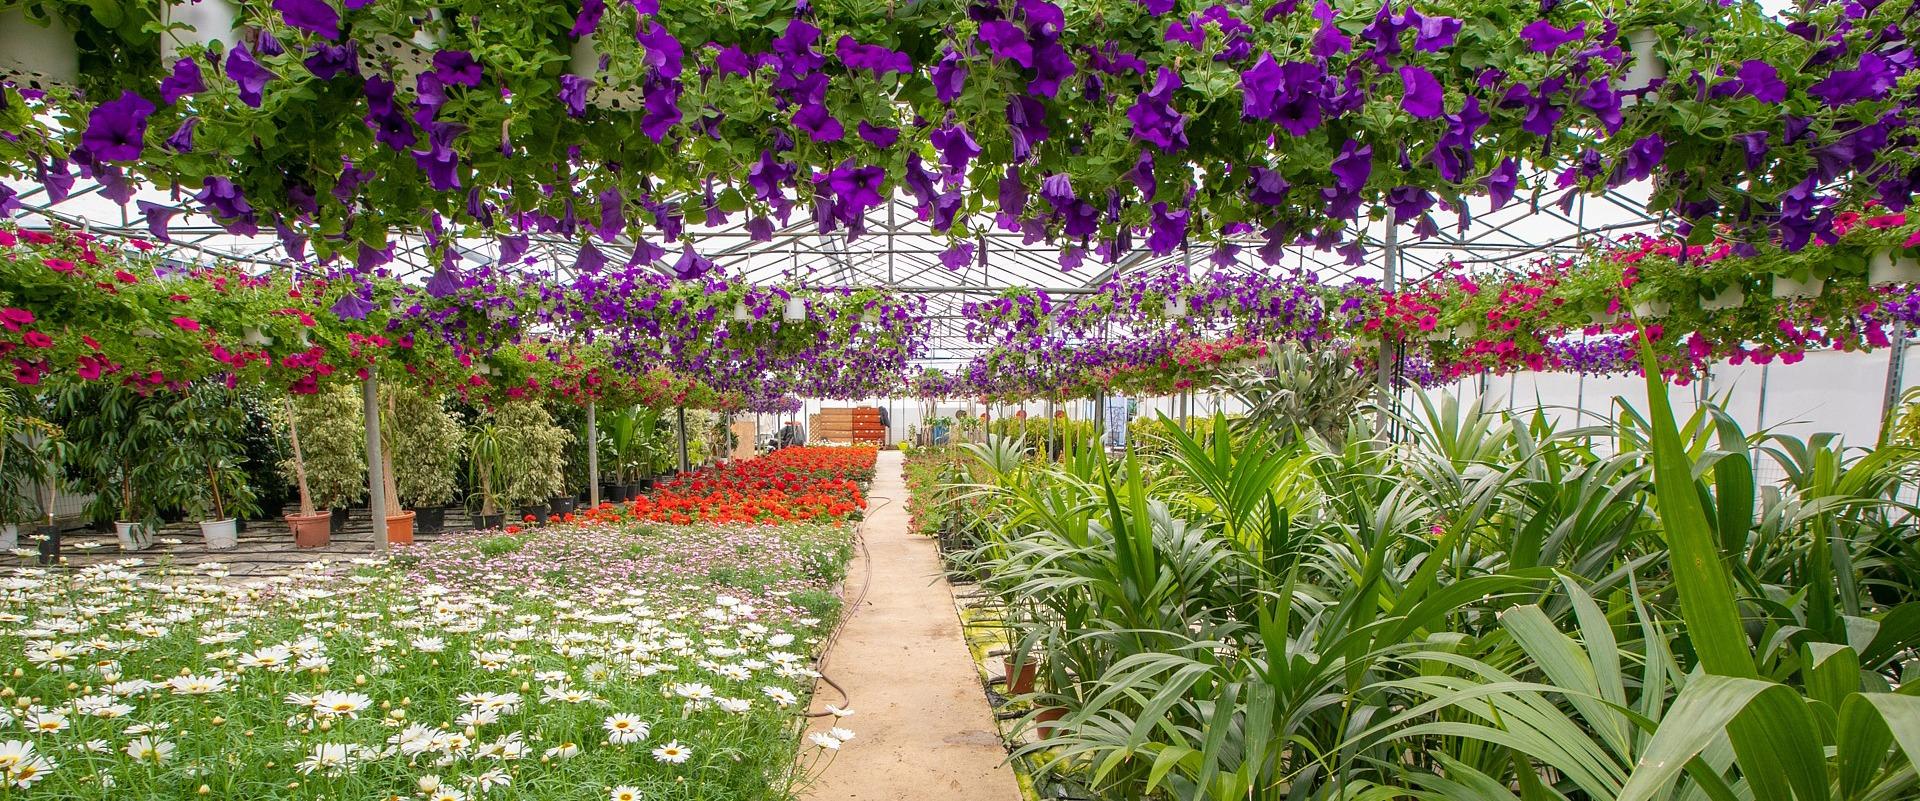 garden center beauty Chania, Crete